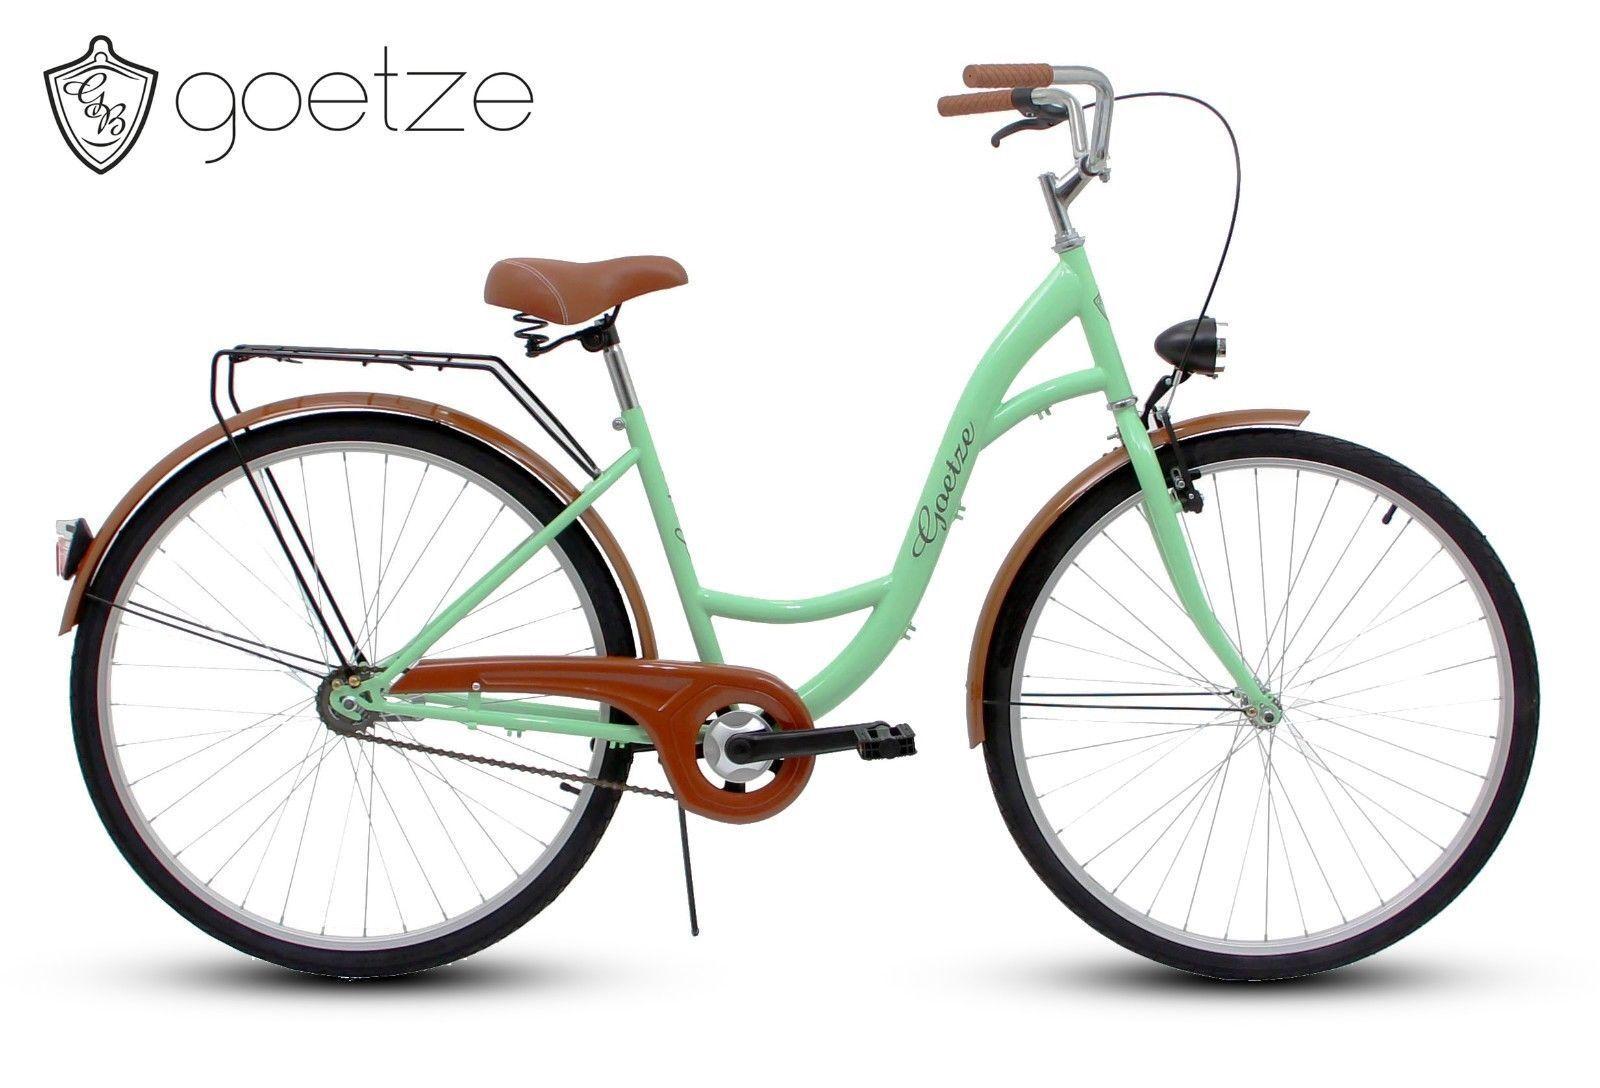 Polbaby Goetze Pistazie Ohne Korb 26 Zoll Fahrrad Citybike